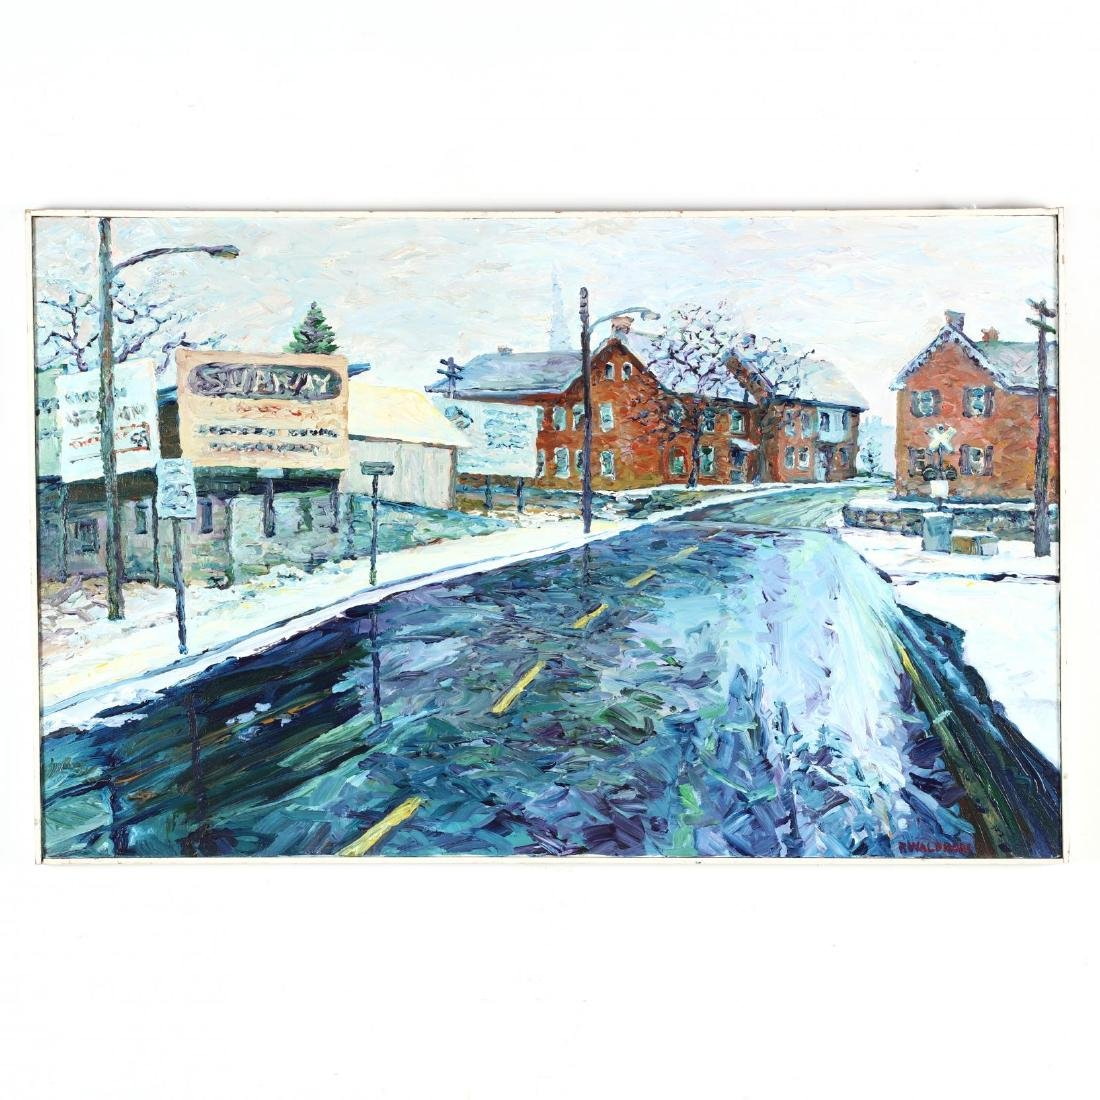 R. Waldron (American), A Winter Street Scene